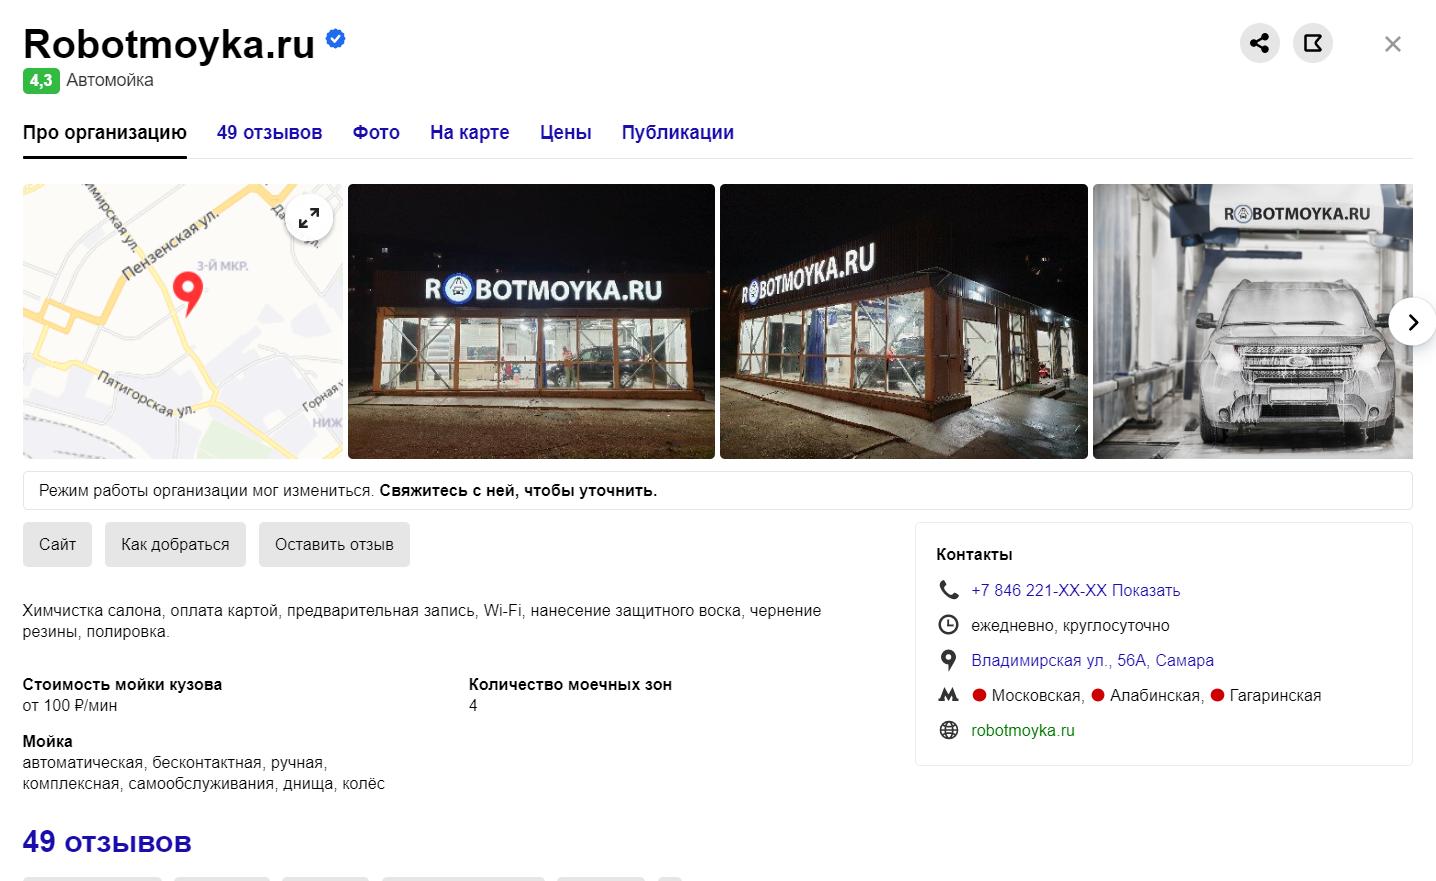 Место где можно купить автоматизированную мойку в России